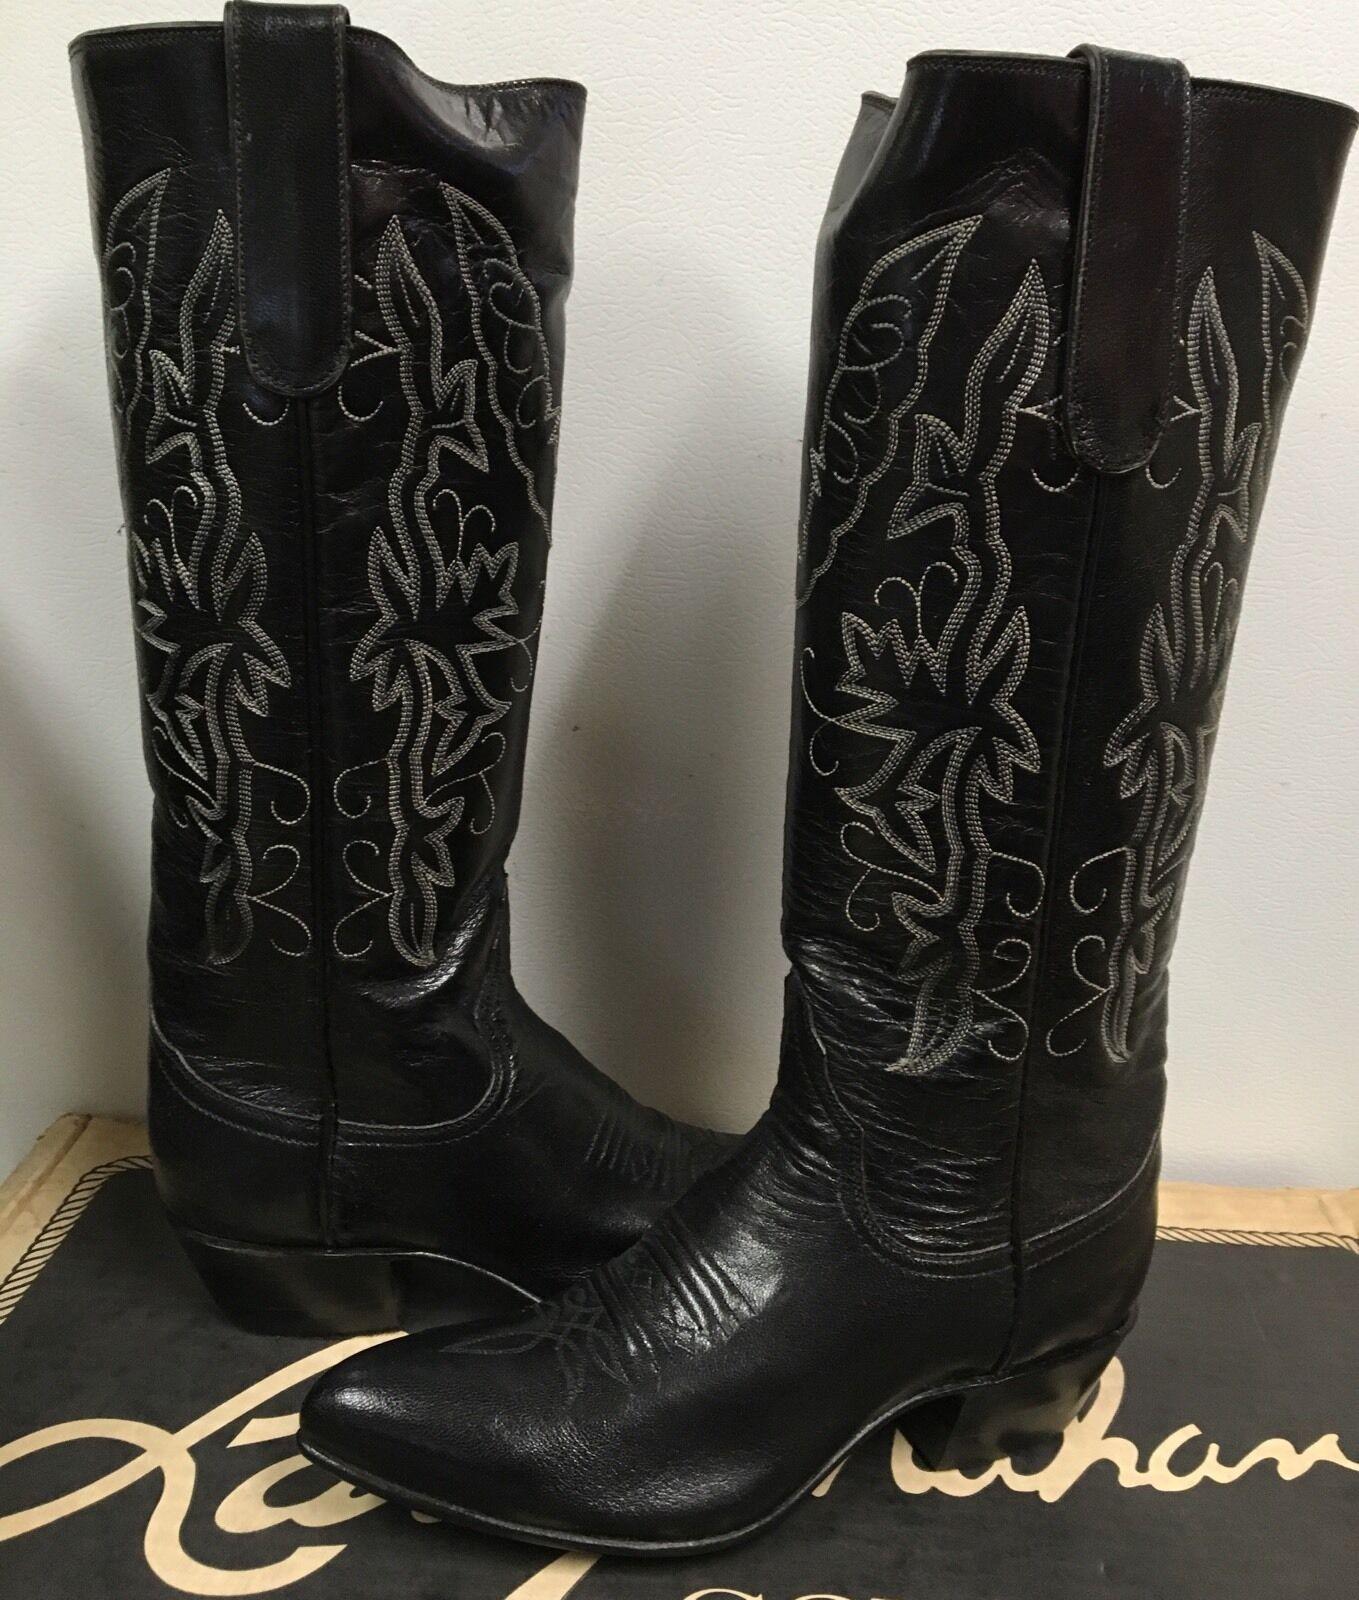 Larry Mahan Mahan Mahan para mujer Western botas de montar Cuero Negro con 6152 tamaño nos 4.5  tomamos a los clientes como nuestro dios